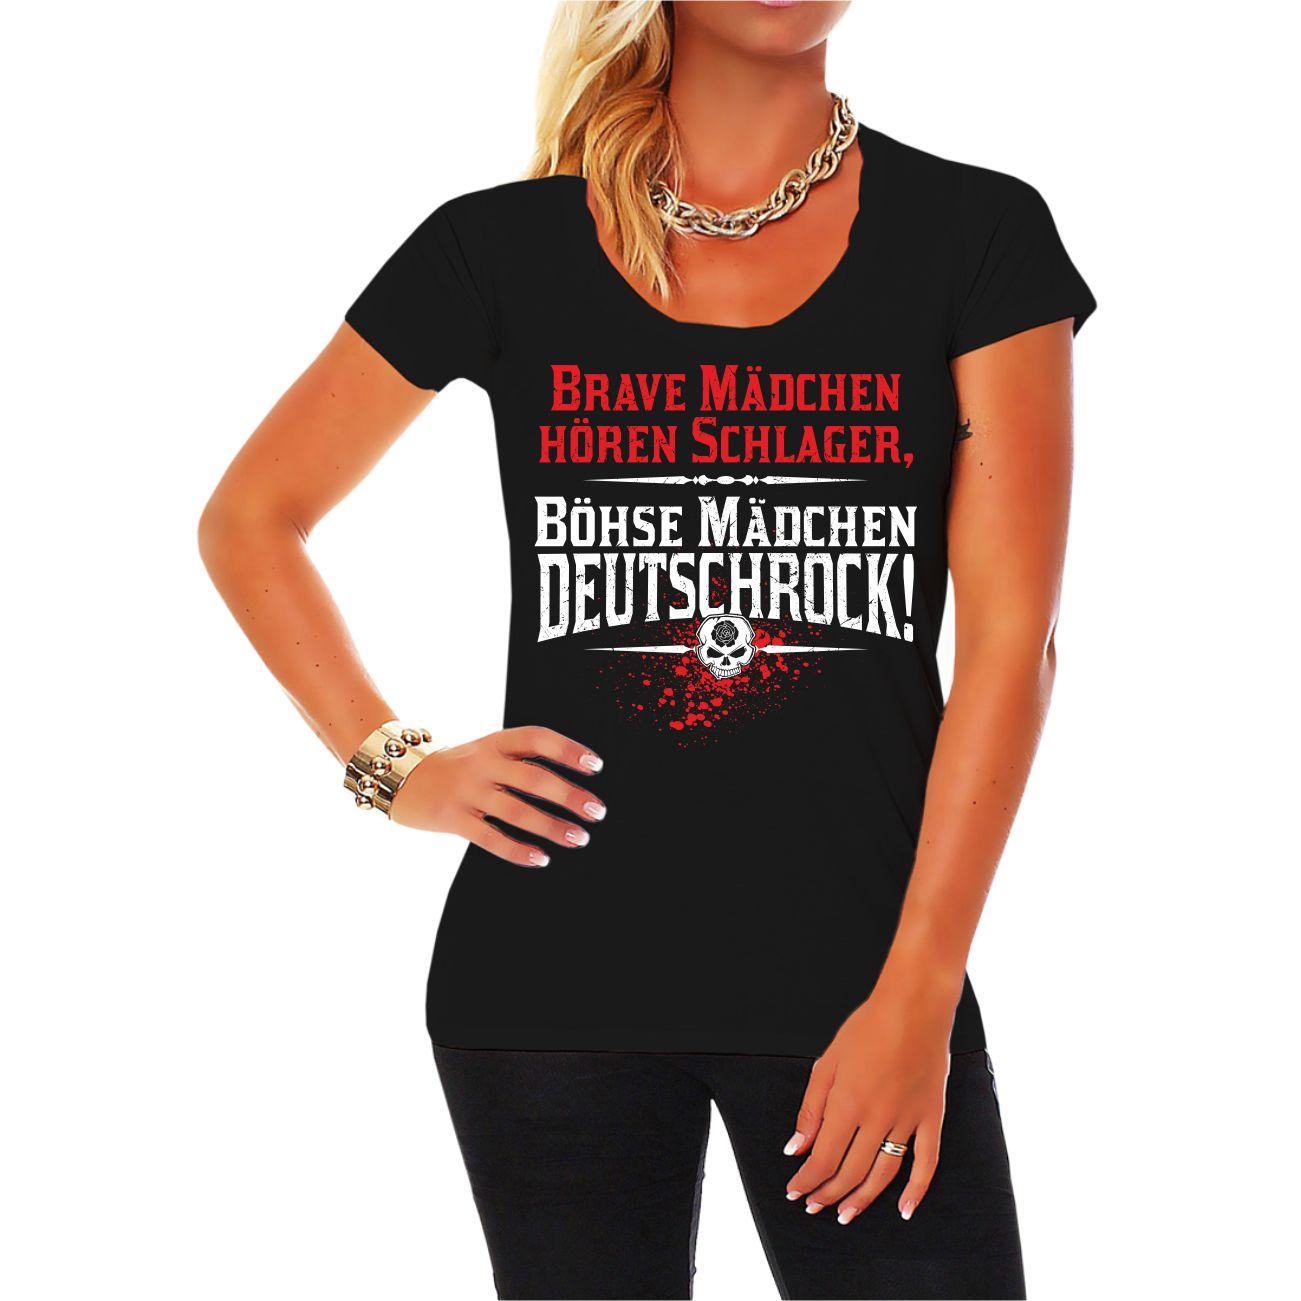 Frauen T-Shirt Brave Mädchen hören Schlager böhse Deutschrock Frei ...